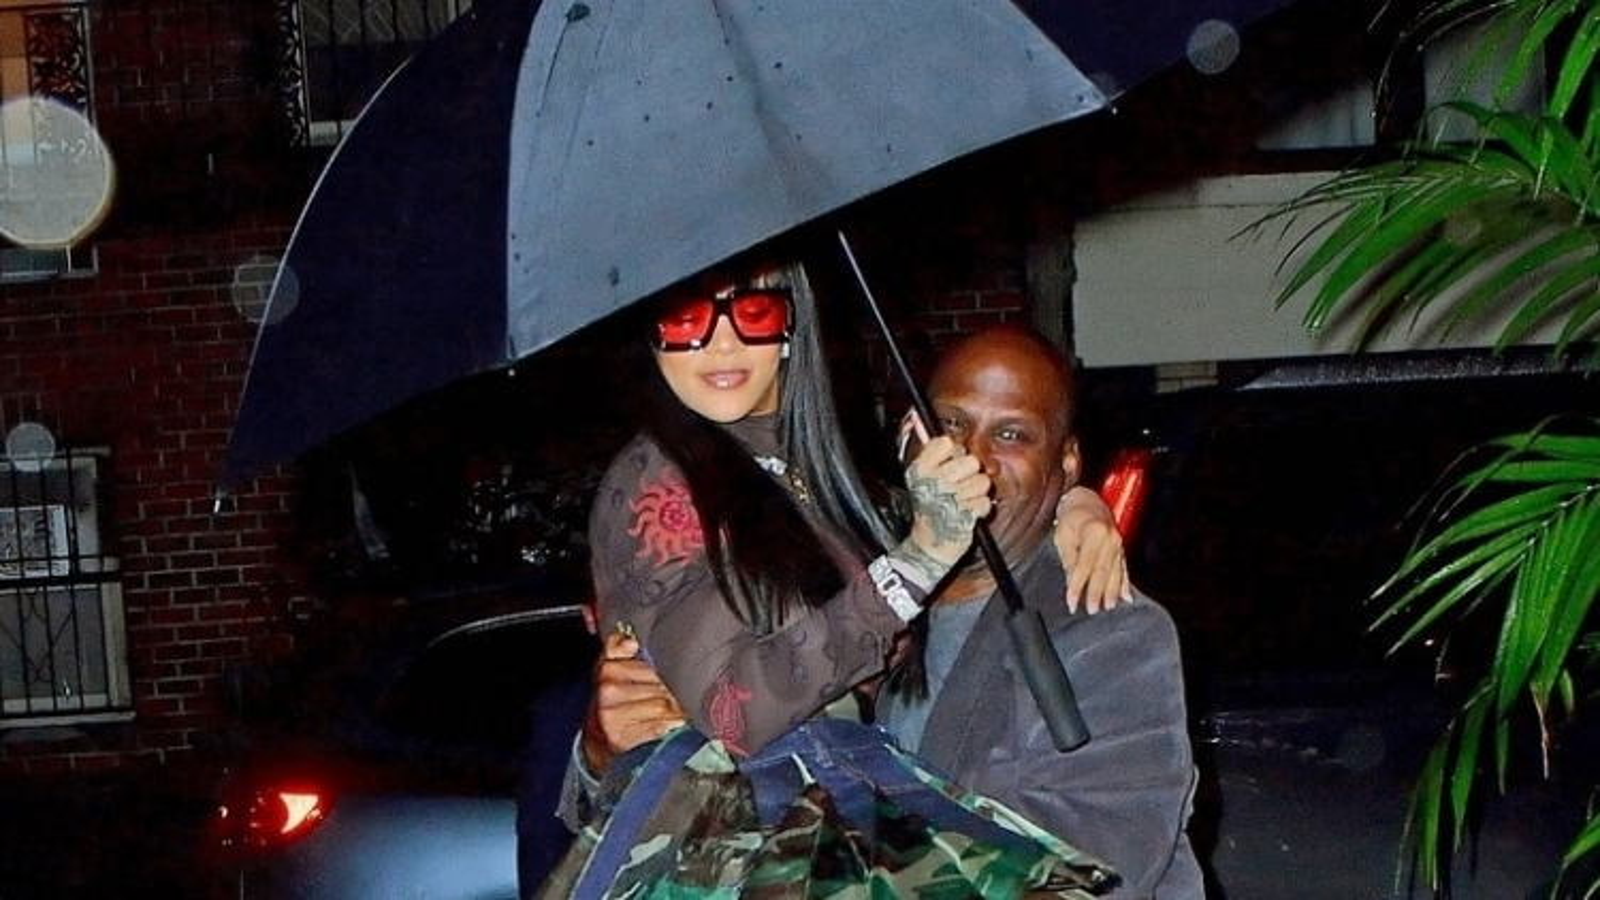 Tỷ phú Rihanna được vệ sĩ hộ tống dự sự kiện dưới cơn mưa